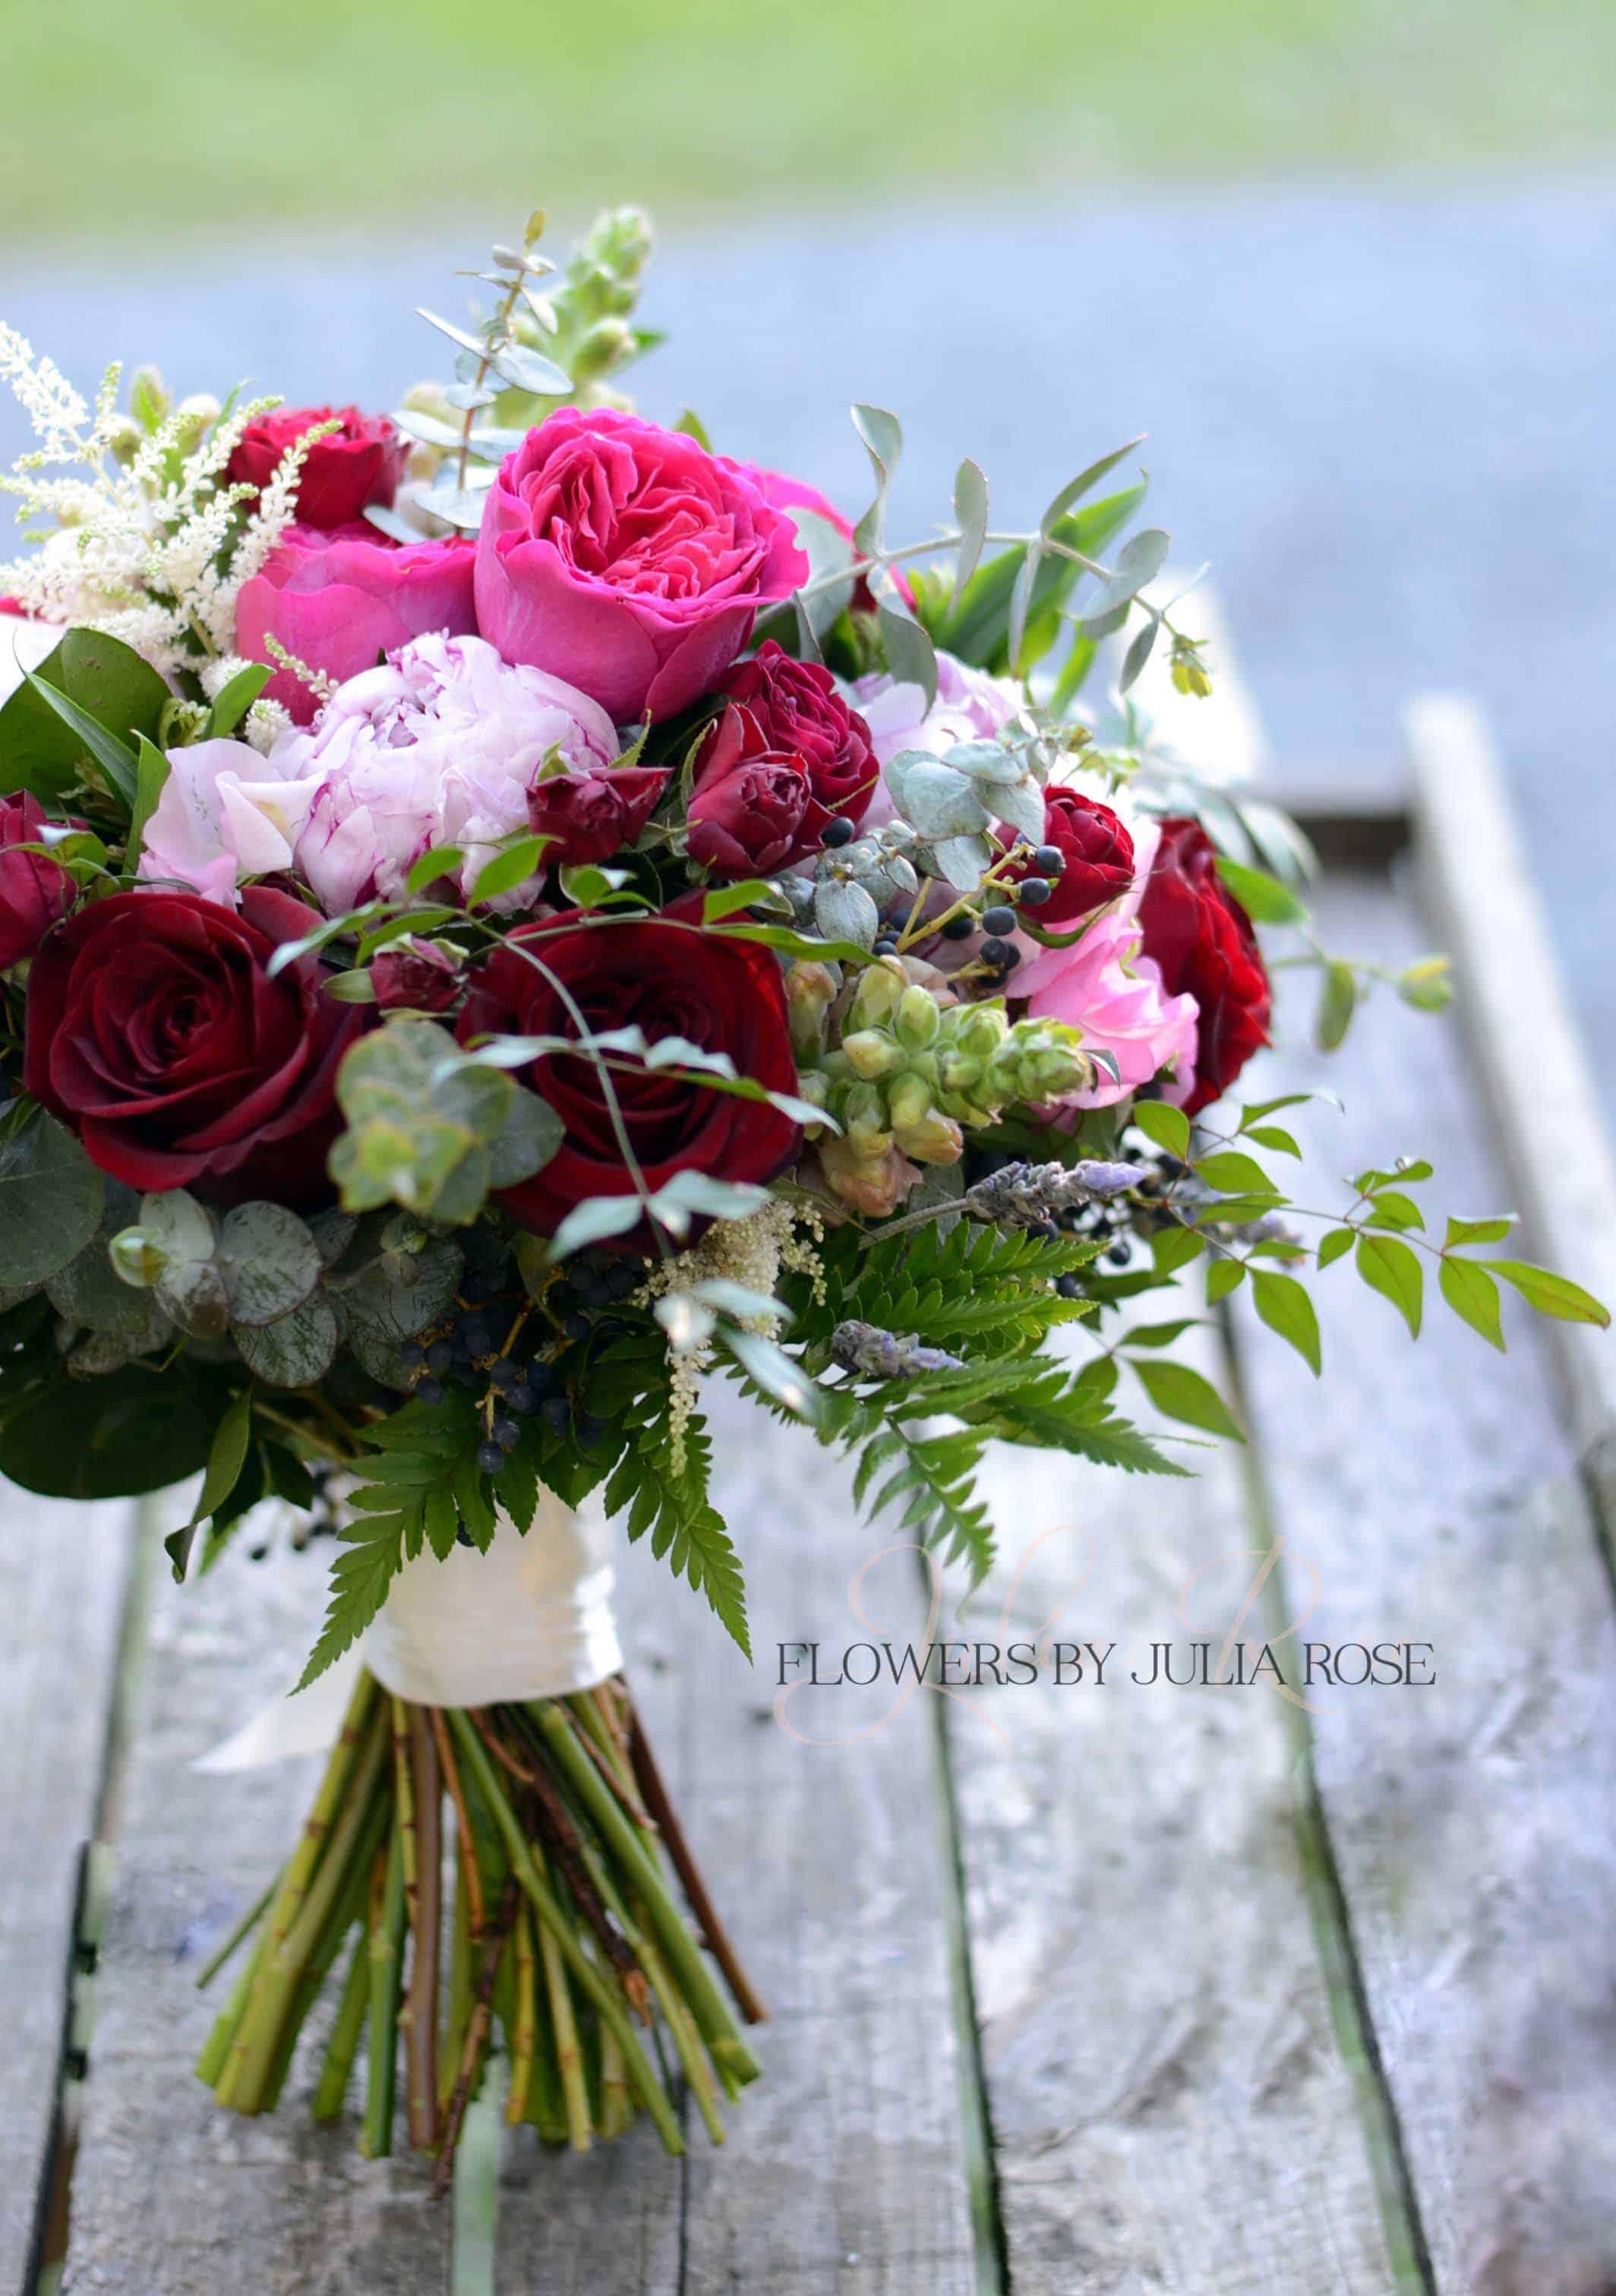 Deep reds burgundy pink mix wedding bouquet flowers by julia rose deep reds burgundy pink mix wedding bouquet flowers by julia rose izmirmasajfo